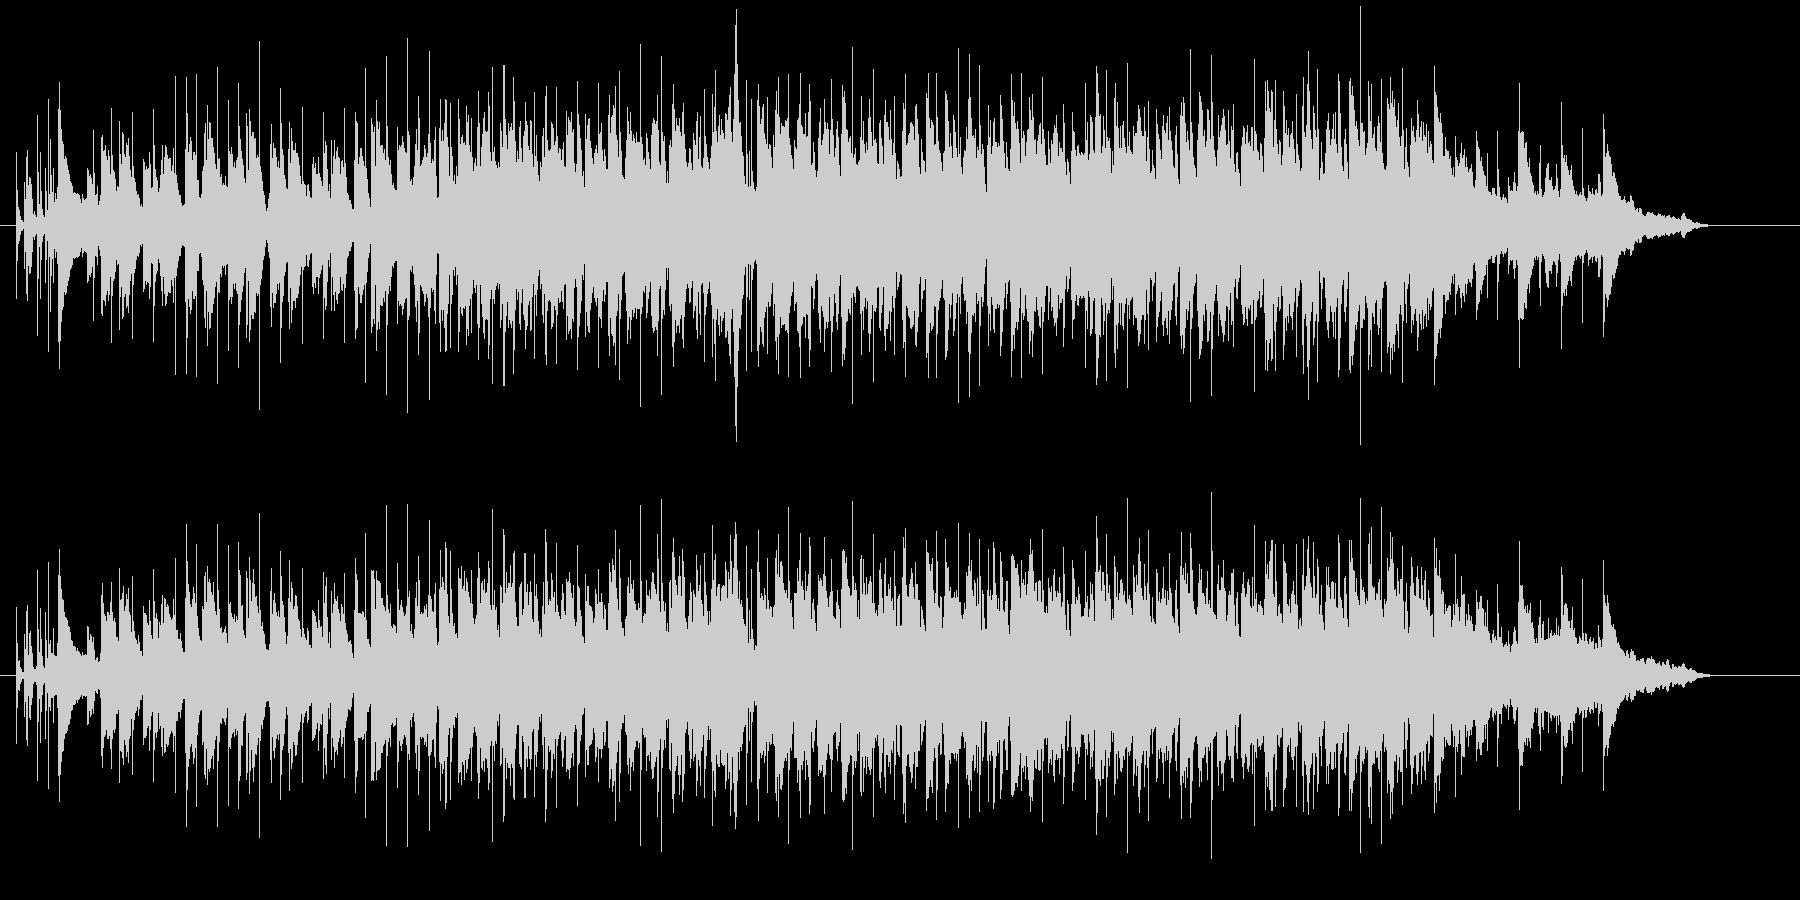 ナチュラルなグルーヴのニューミュージックの未再生の波形